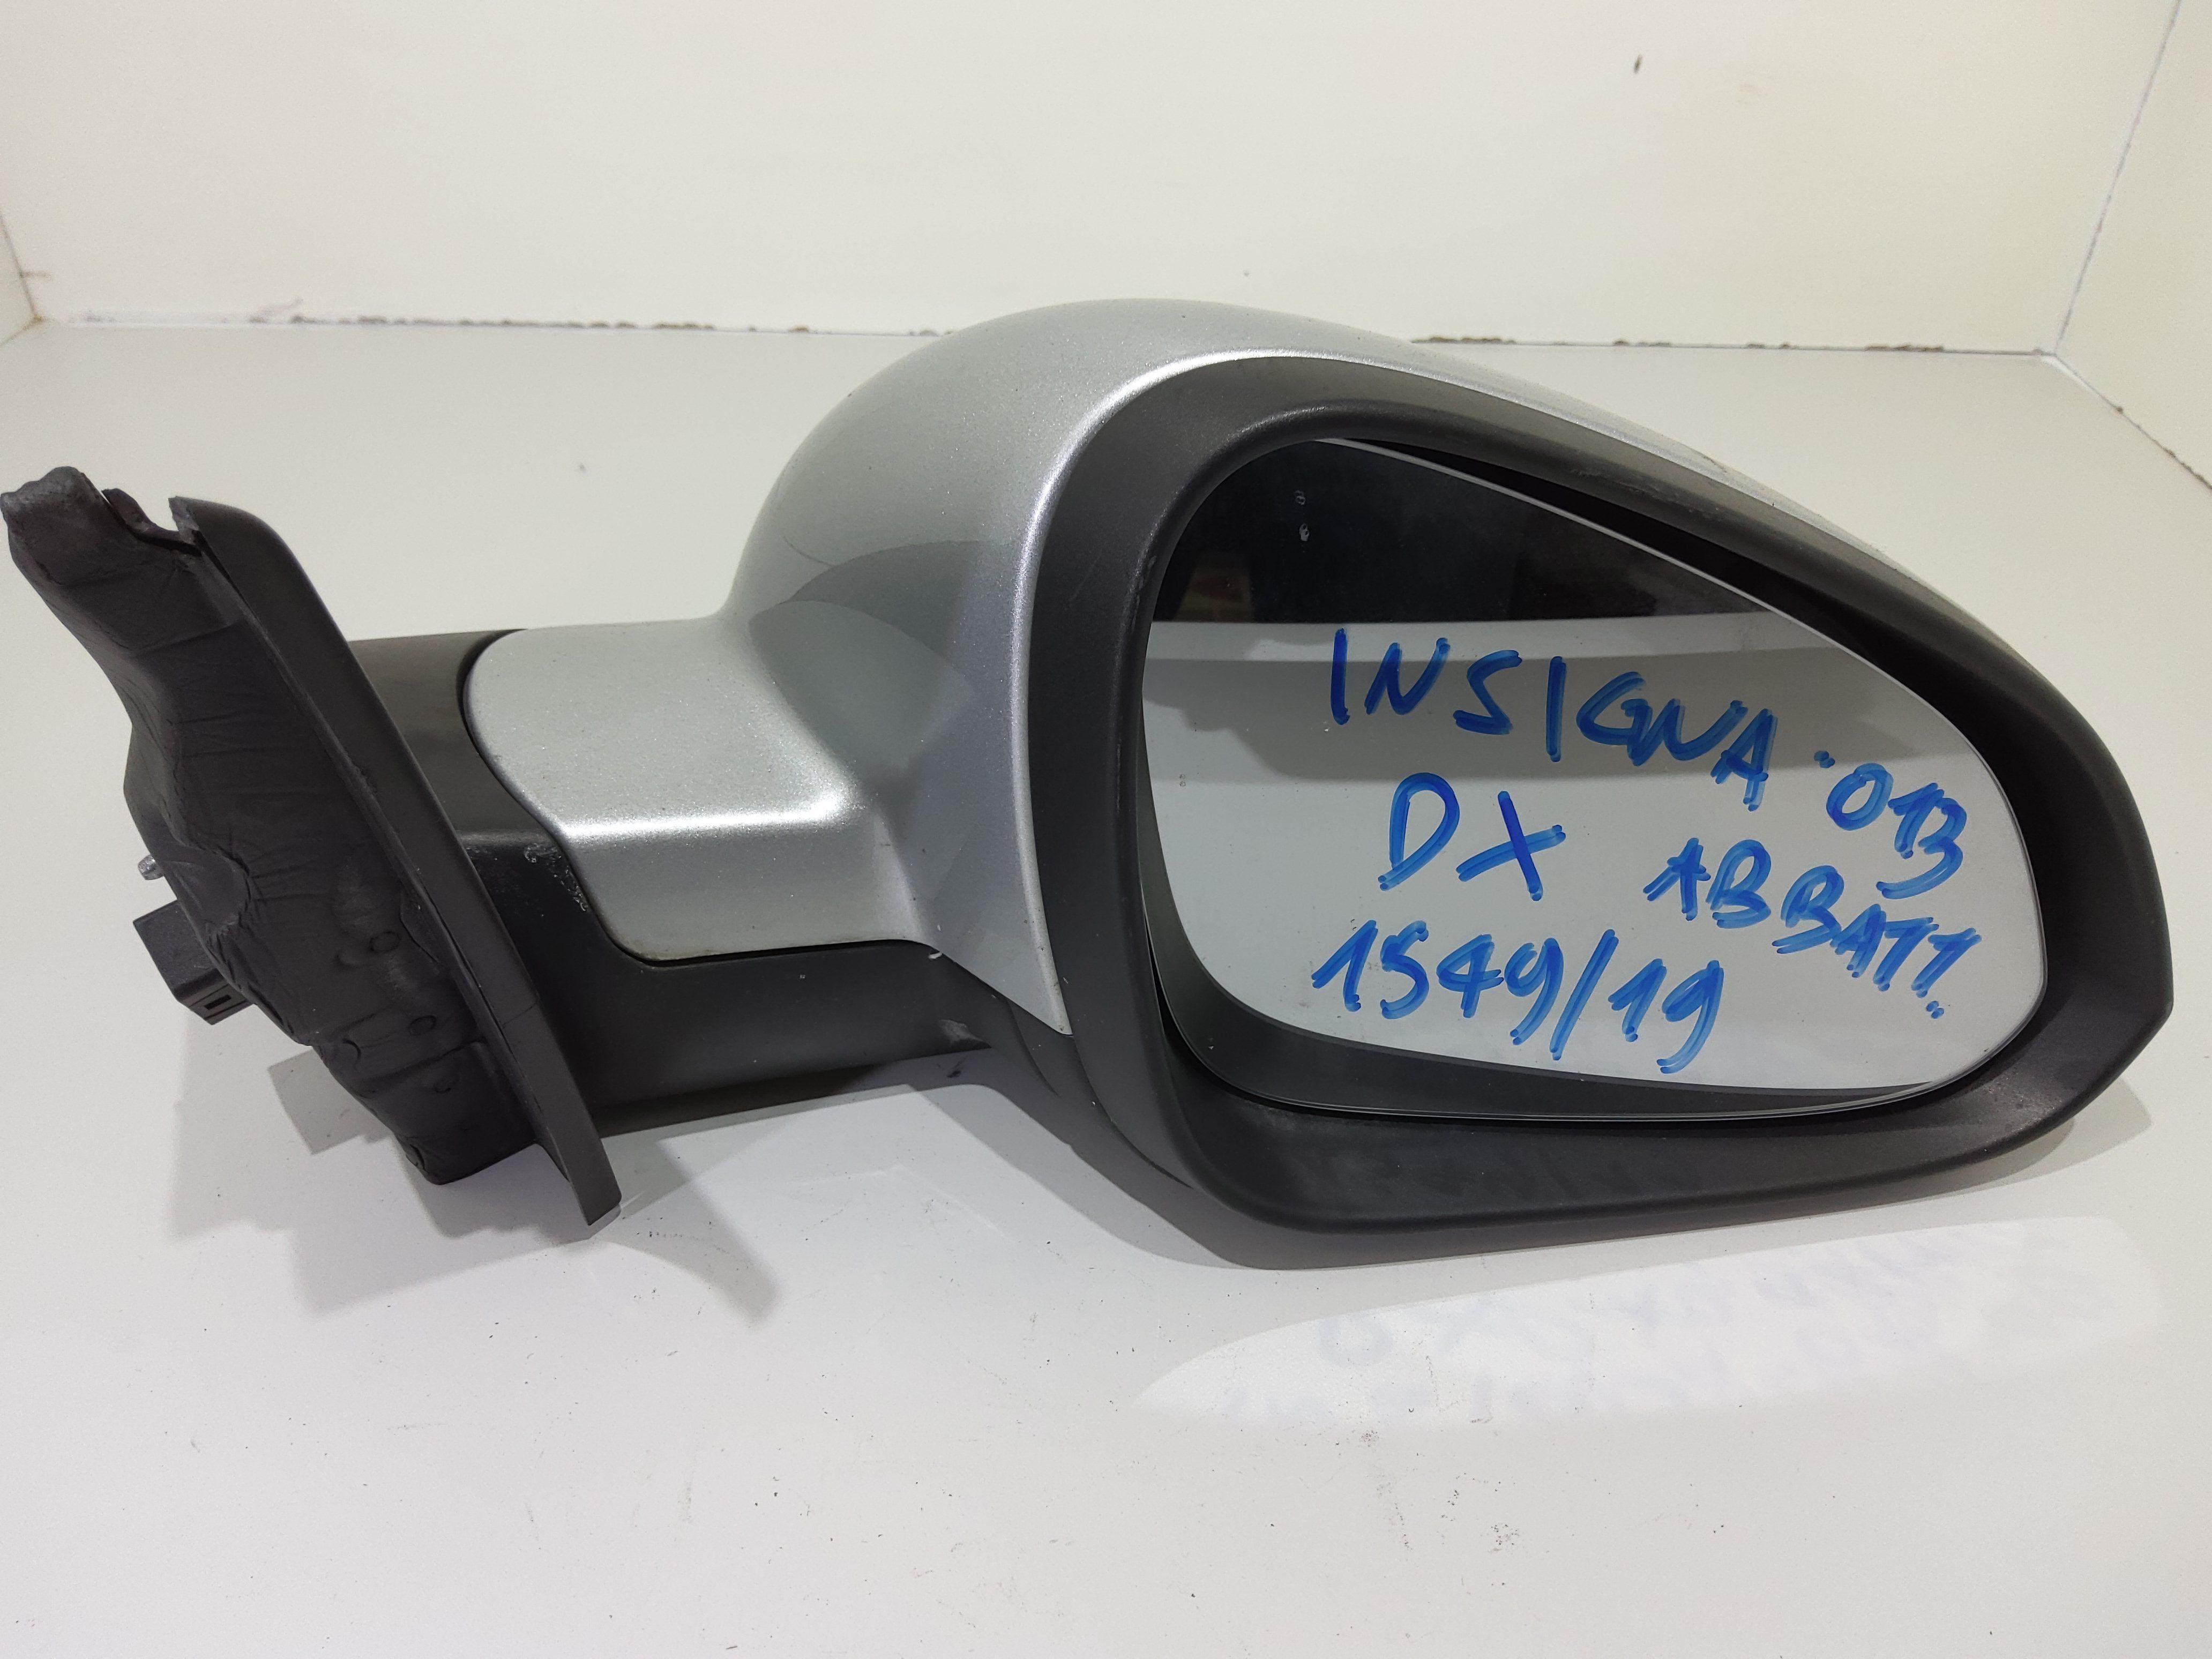 13269577 SPECCHIETTO RETROVISORE DESTRO OPEL Insignia S. Wagon 2000 Diesel A20DTH 118 Kw (2013) RICAMBI USATI